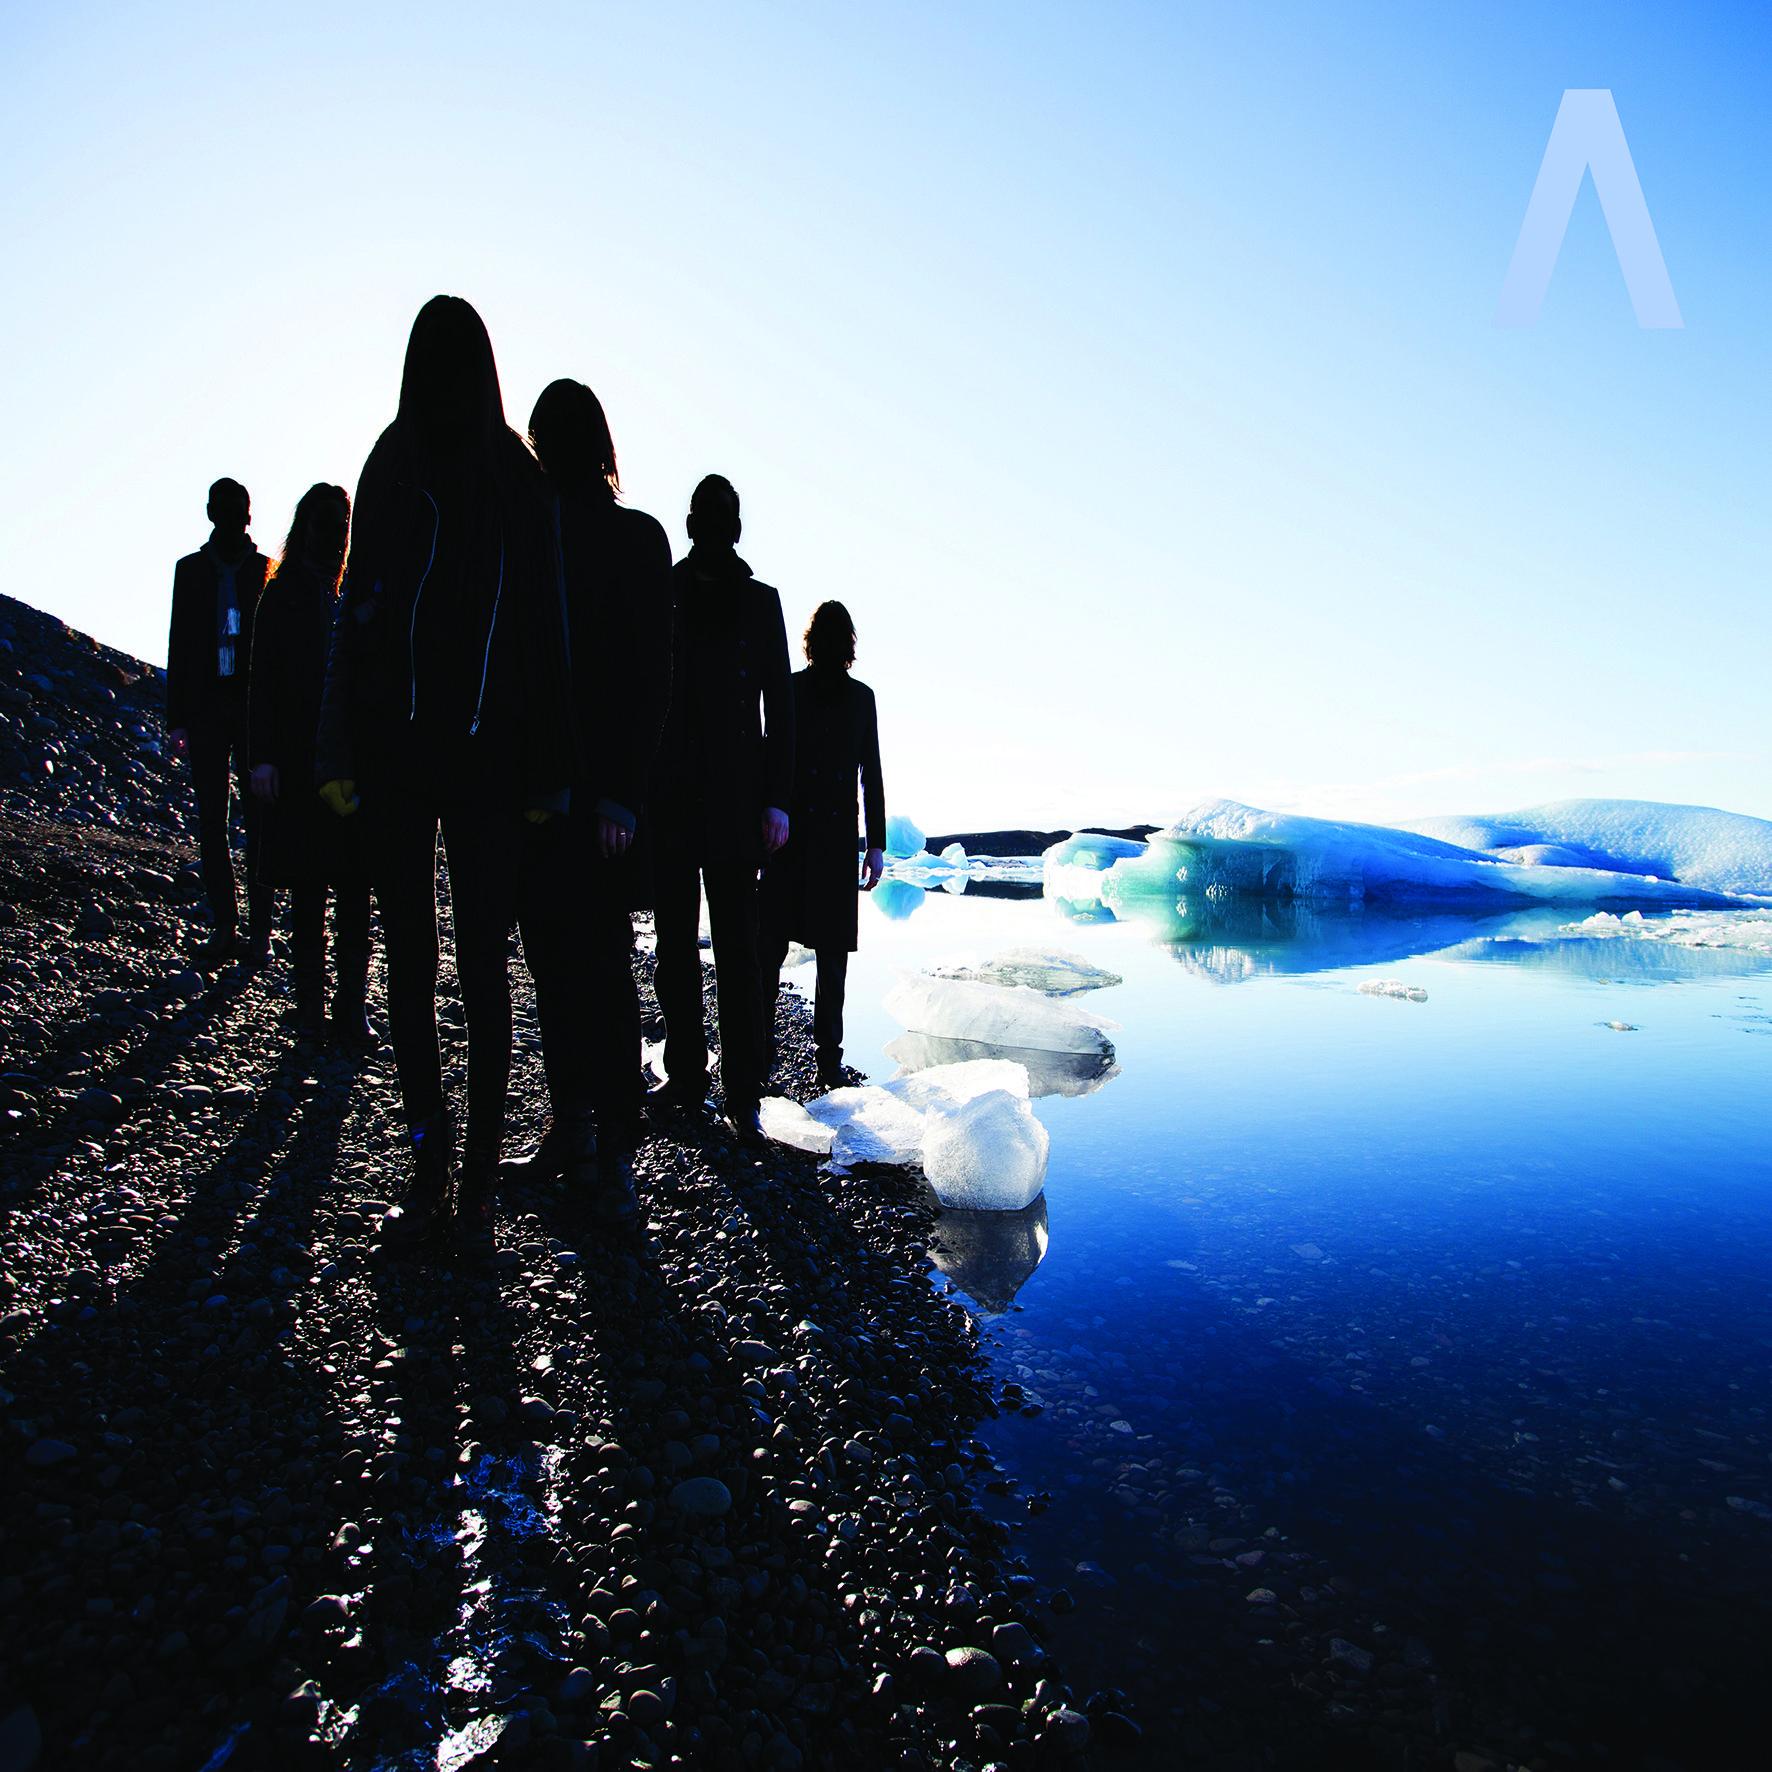 Grupa ludzi ubranych na czarno stoi obok niebieskiej wody